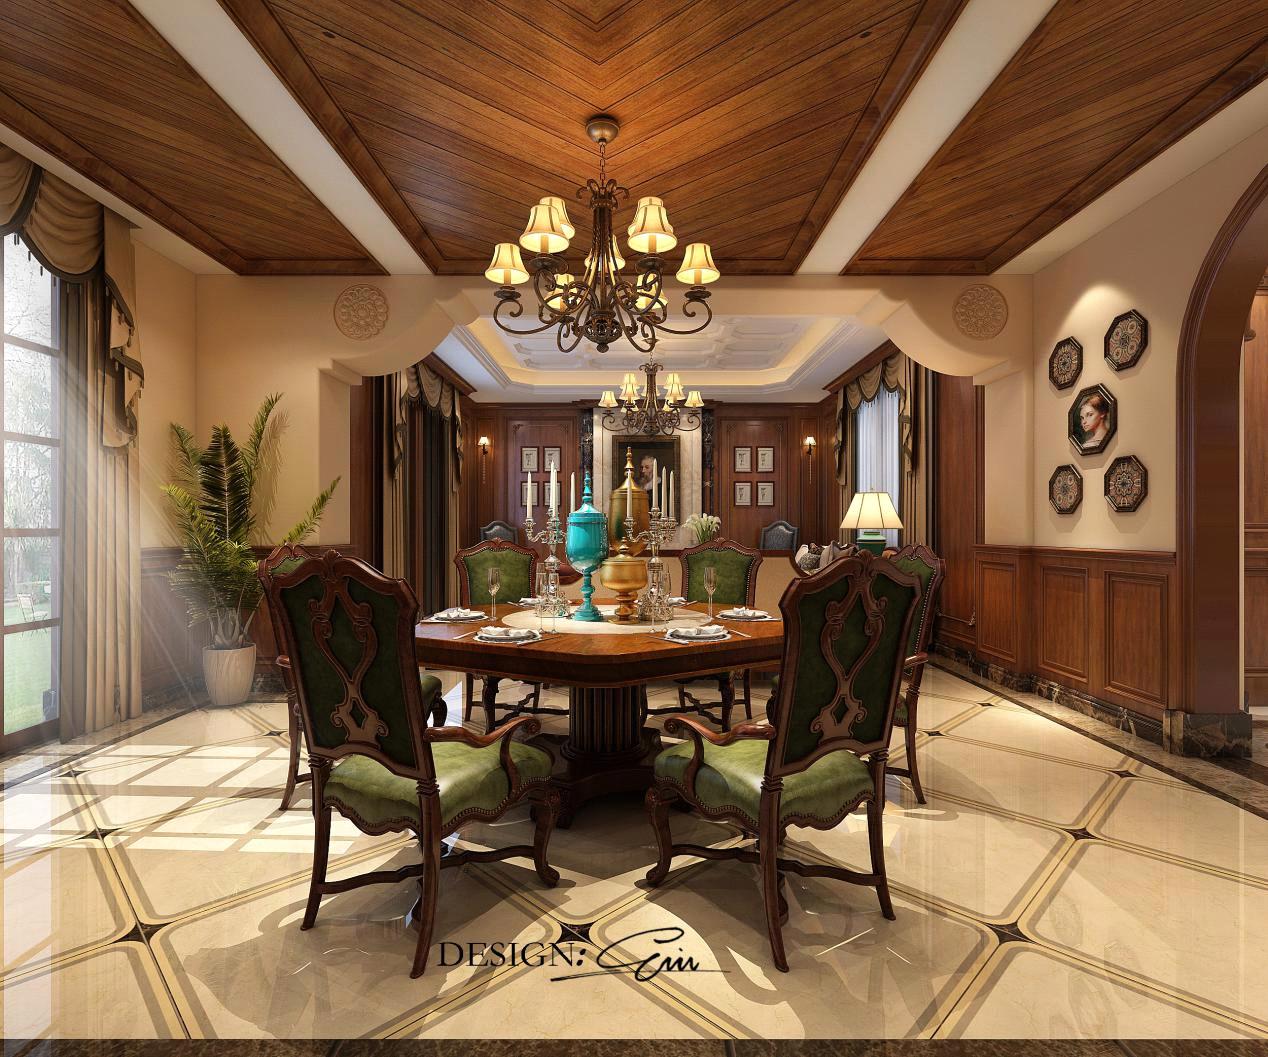 客餐厅:简约不同于简单,餐厅的原木吊顶,给人带来一种轻奢华的感官感受,客厅简洁明朗,深色家具与木质吊顶融为一体,使空间极具历史内涵和文化底蕴,让人尽情陶醉在美利坚的优雅!